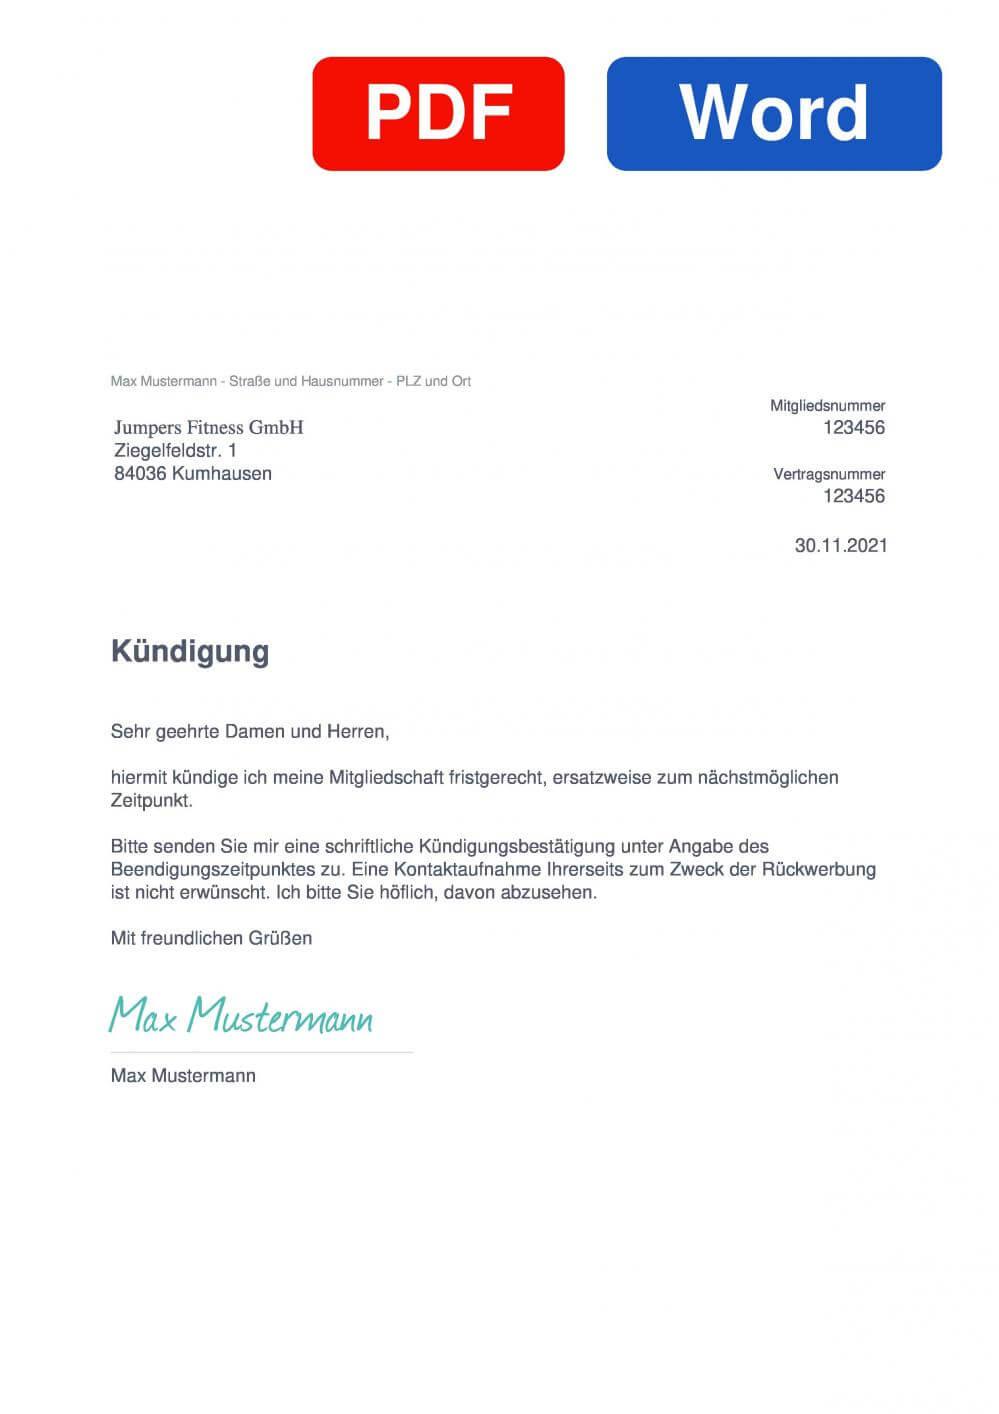 jumpers Landshut Muster Vorlage für Kündigungsschreiben